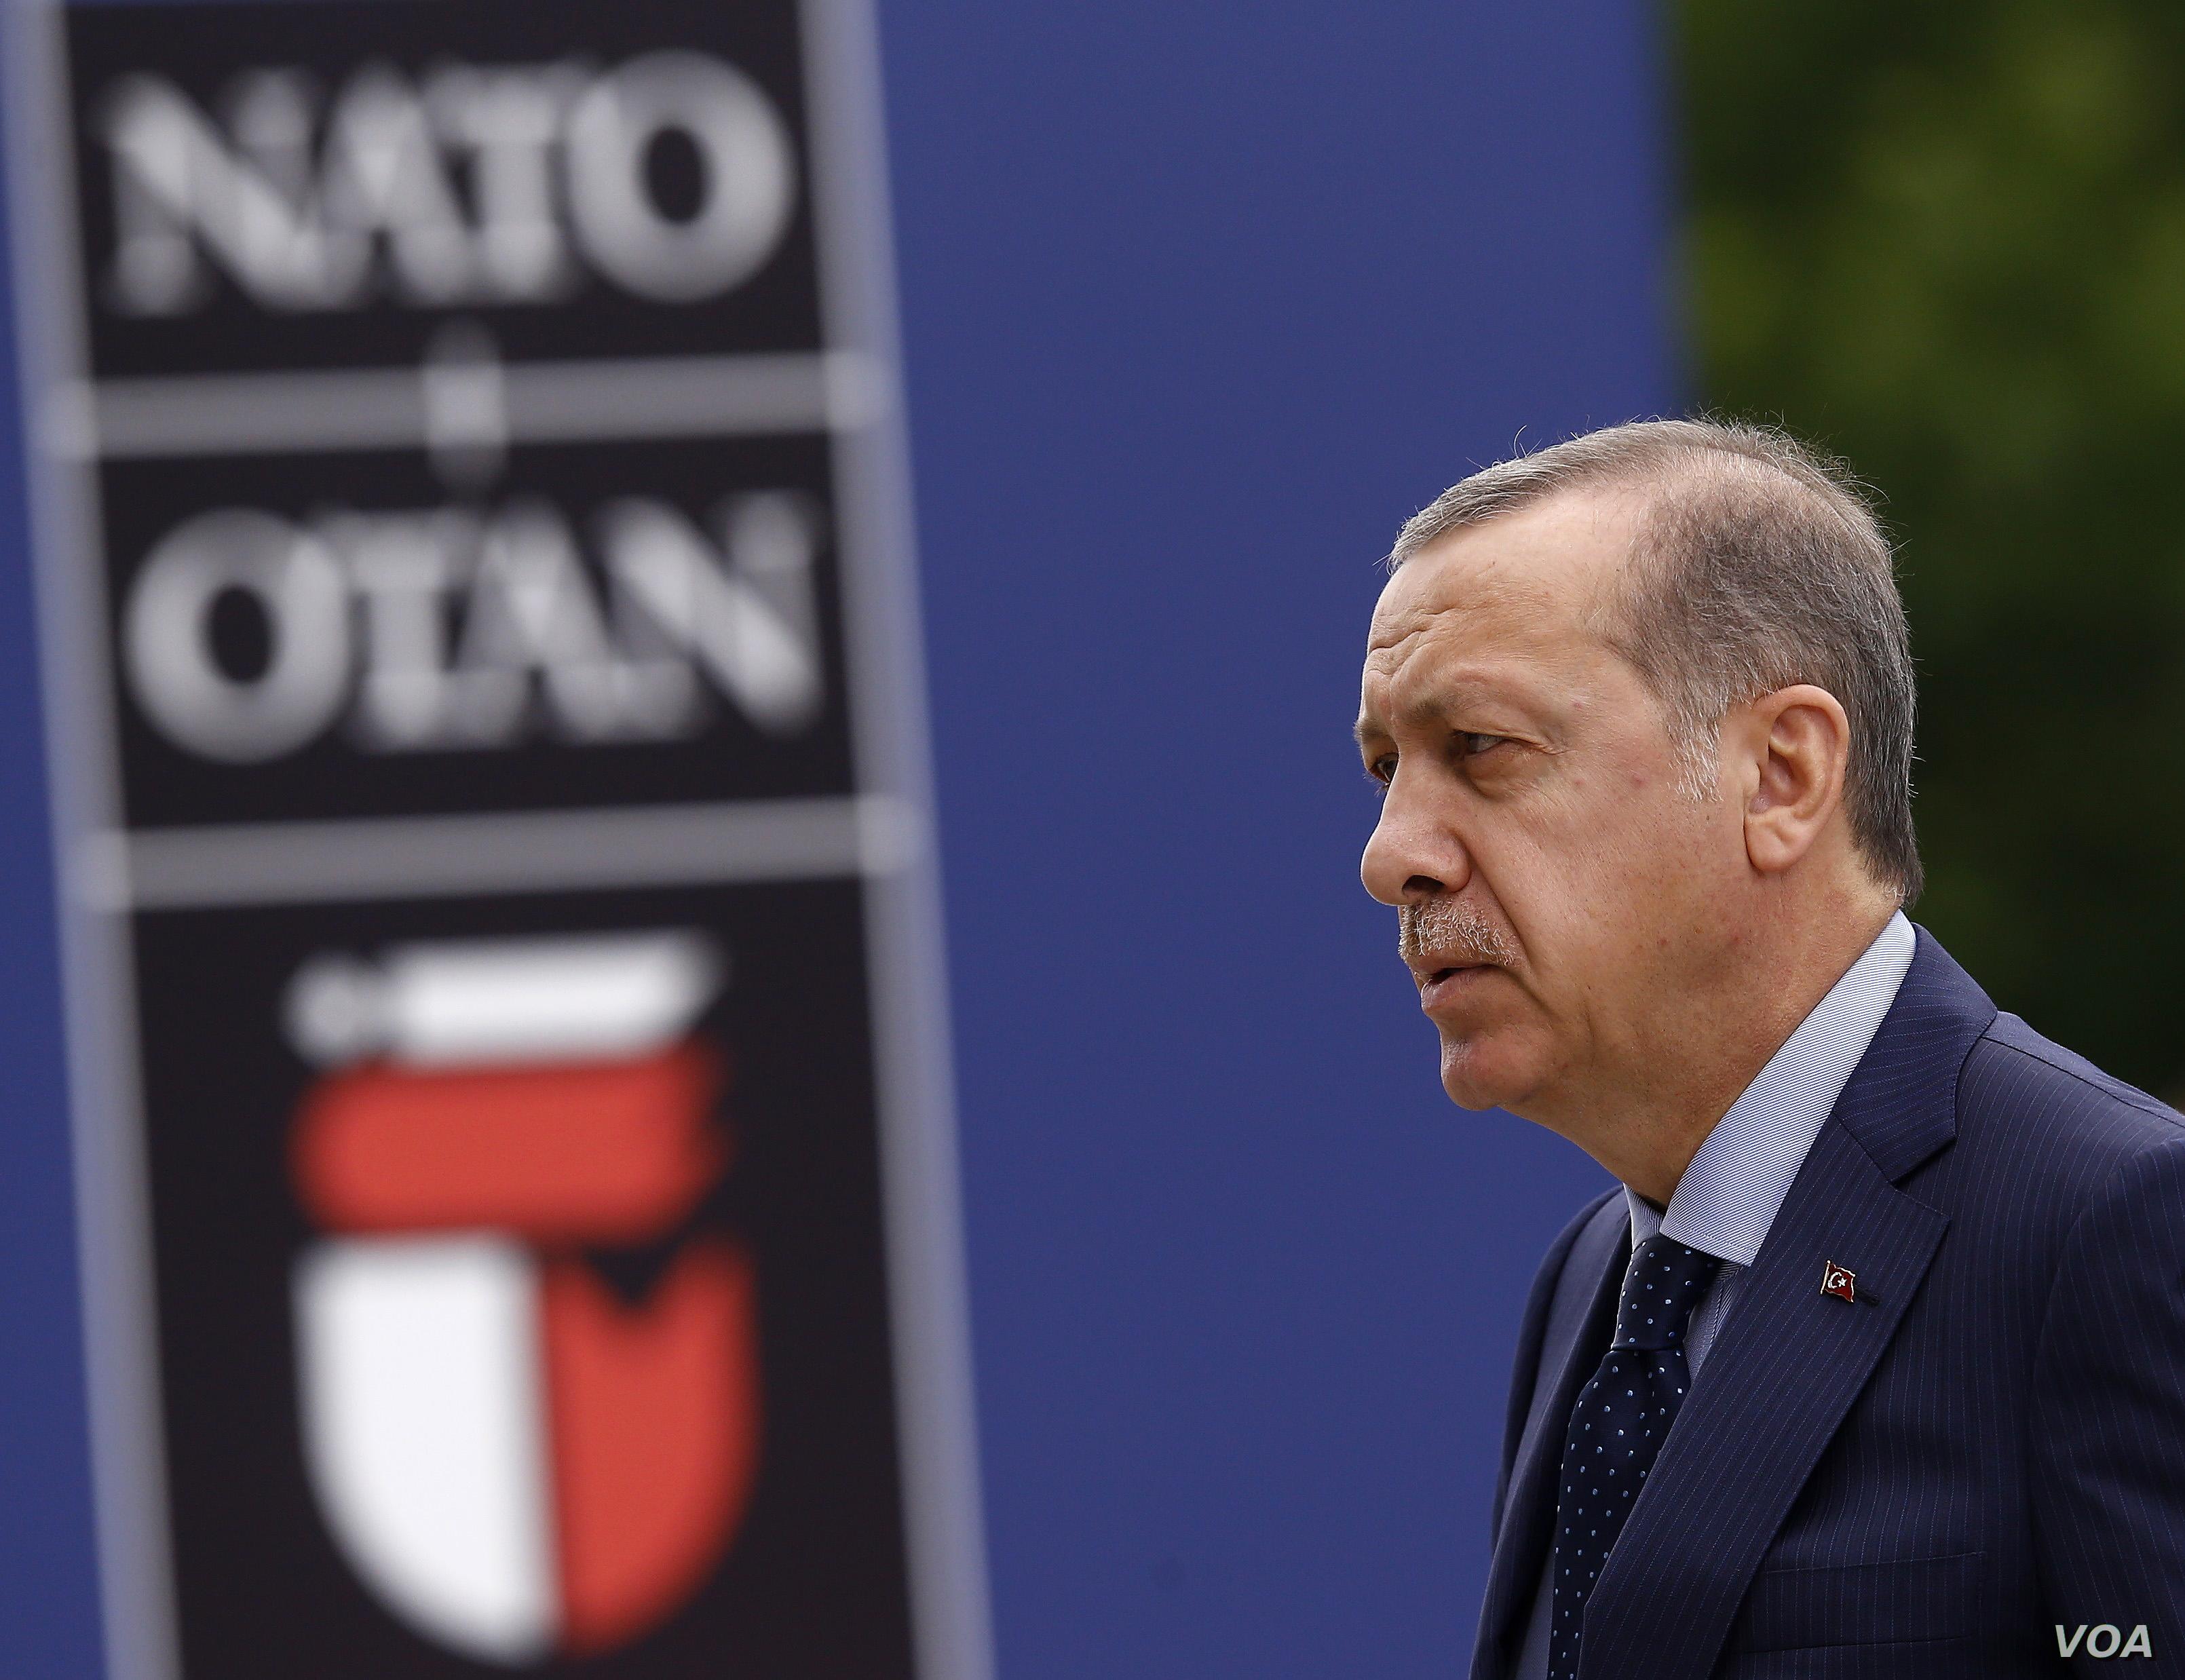 صورة الرئيس التركي: كفاكم ألاعيب.. صبرنا نفد